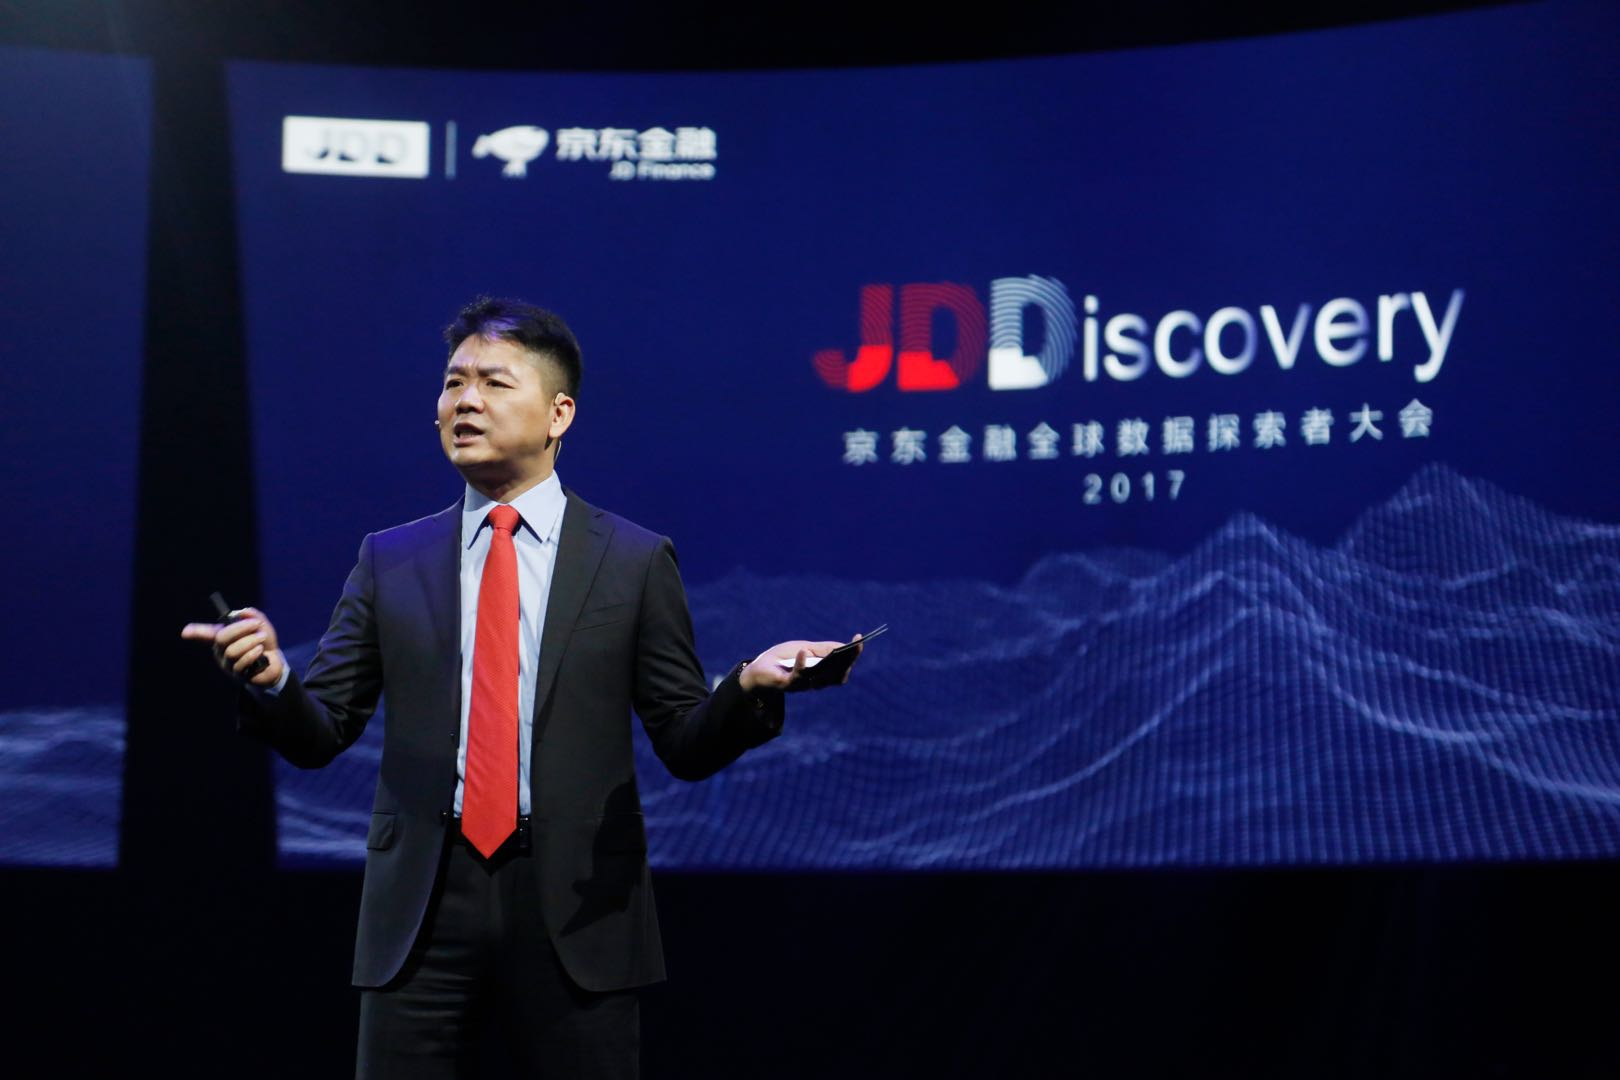 刘强东称:AI即是技术也是一种思考方式